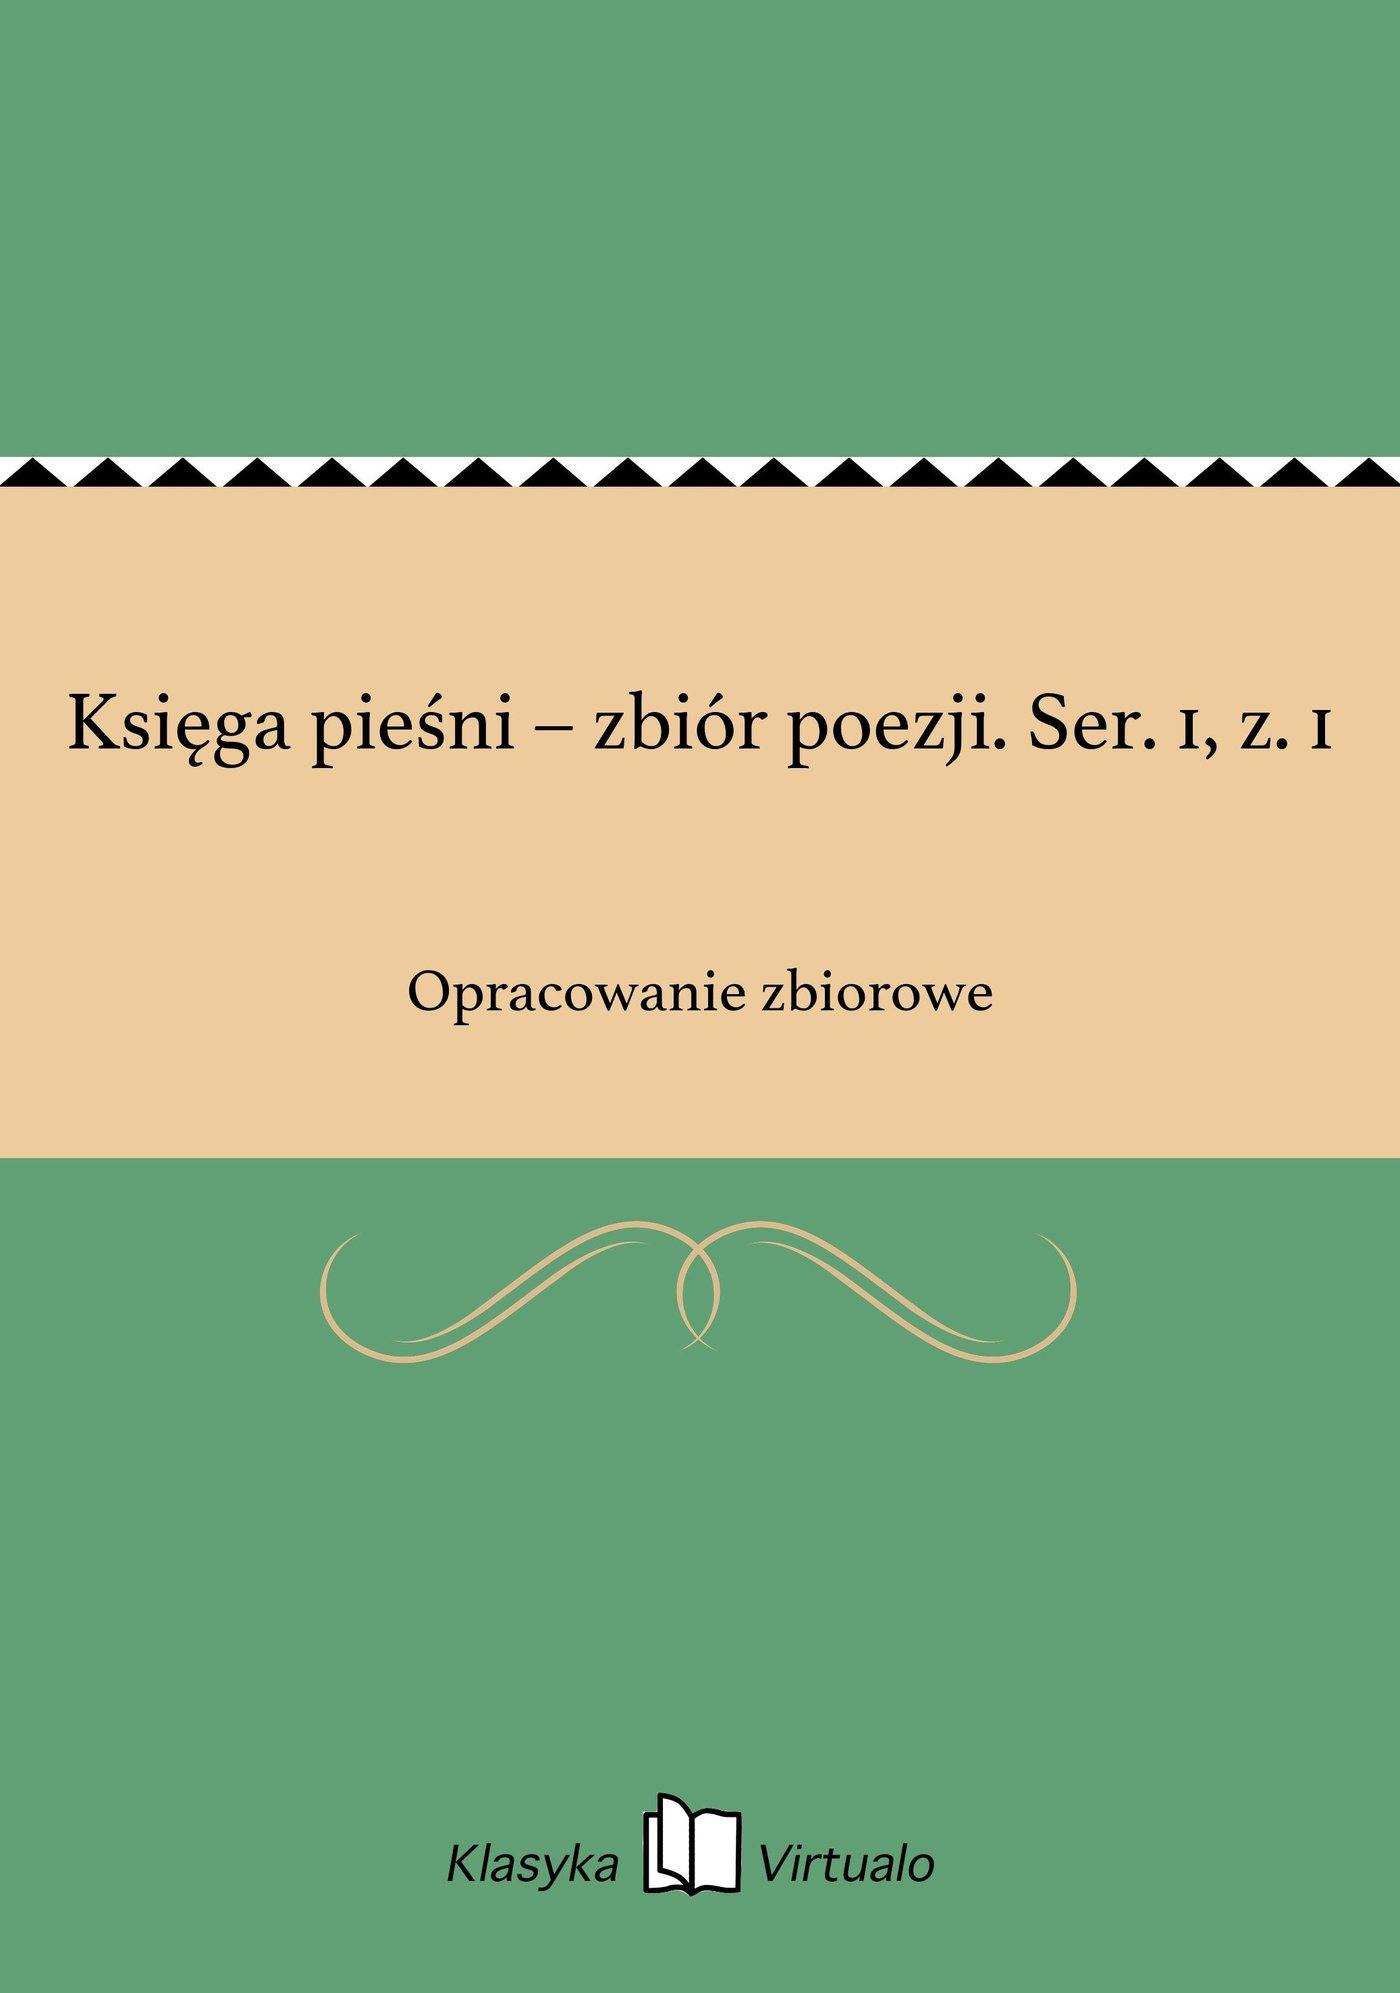 Księga pieśni – zbiór poezji. Ser. 1, z. 1 - Ebook (Książka EPUB) do pobrania w formacie EPUB